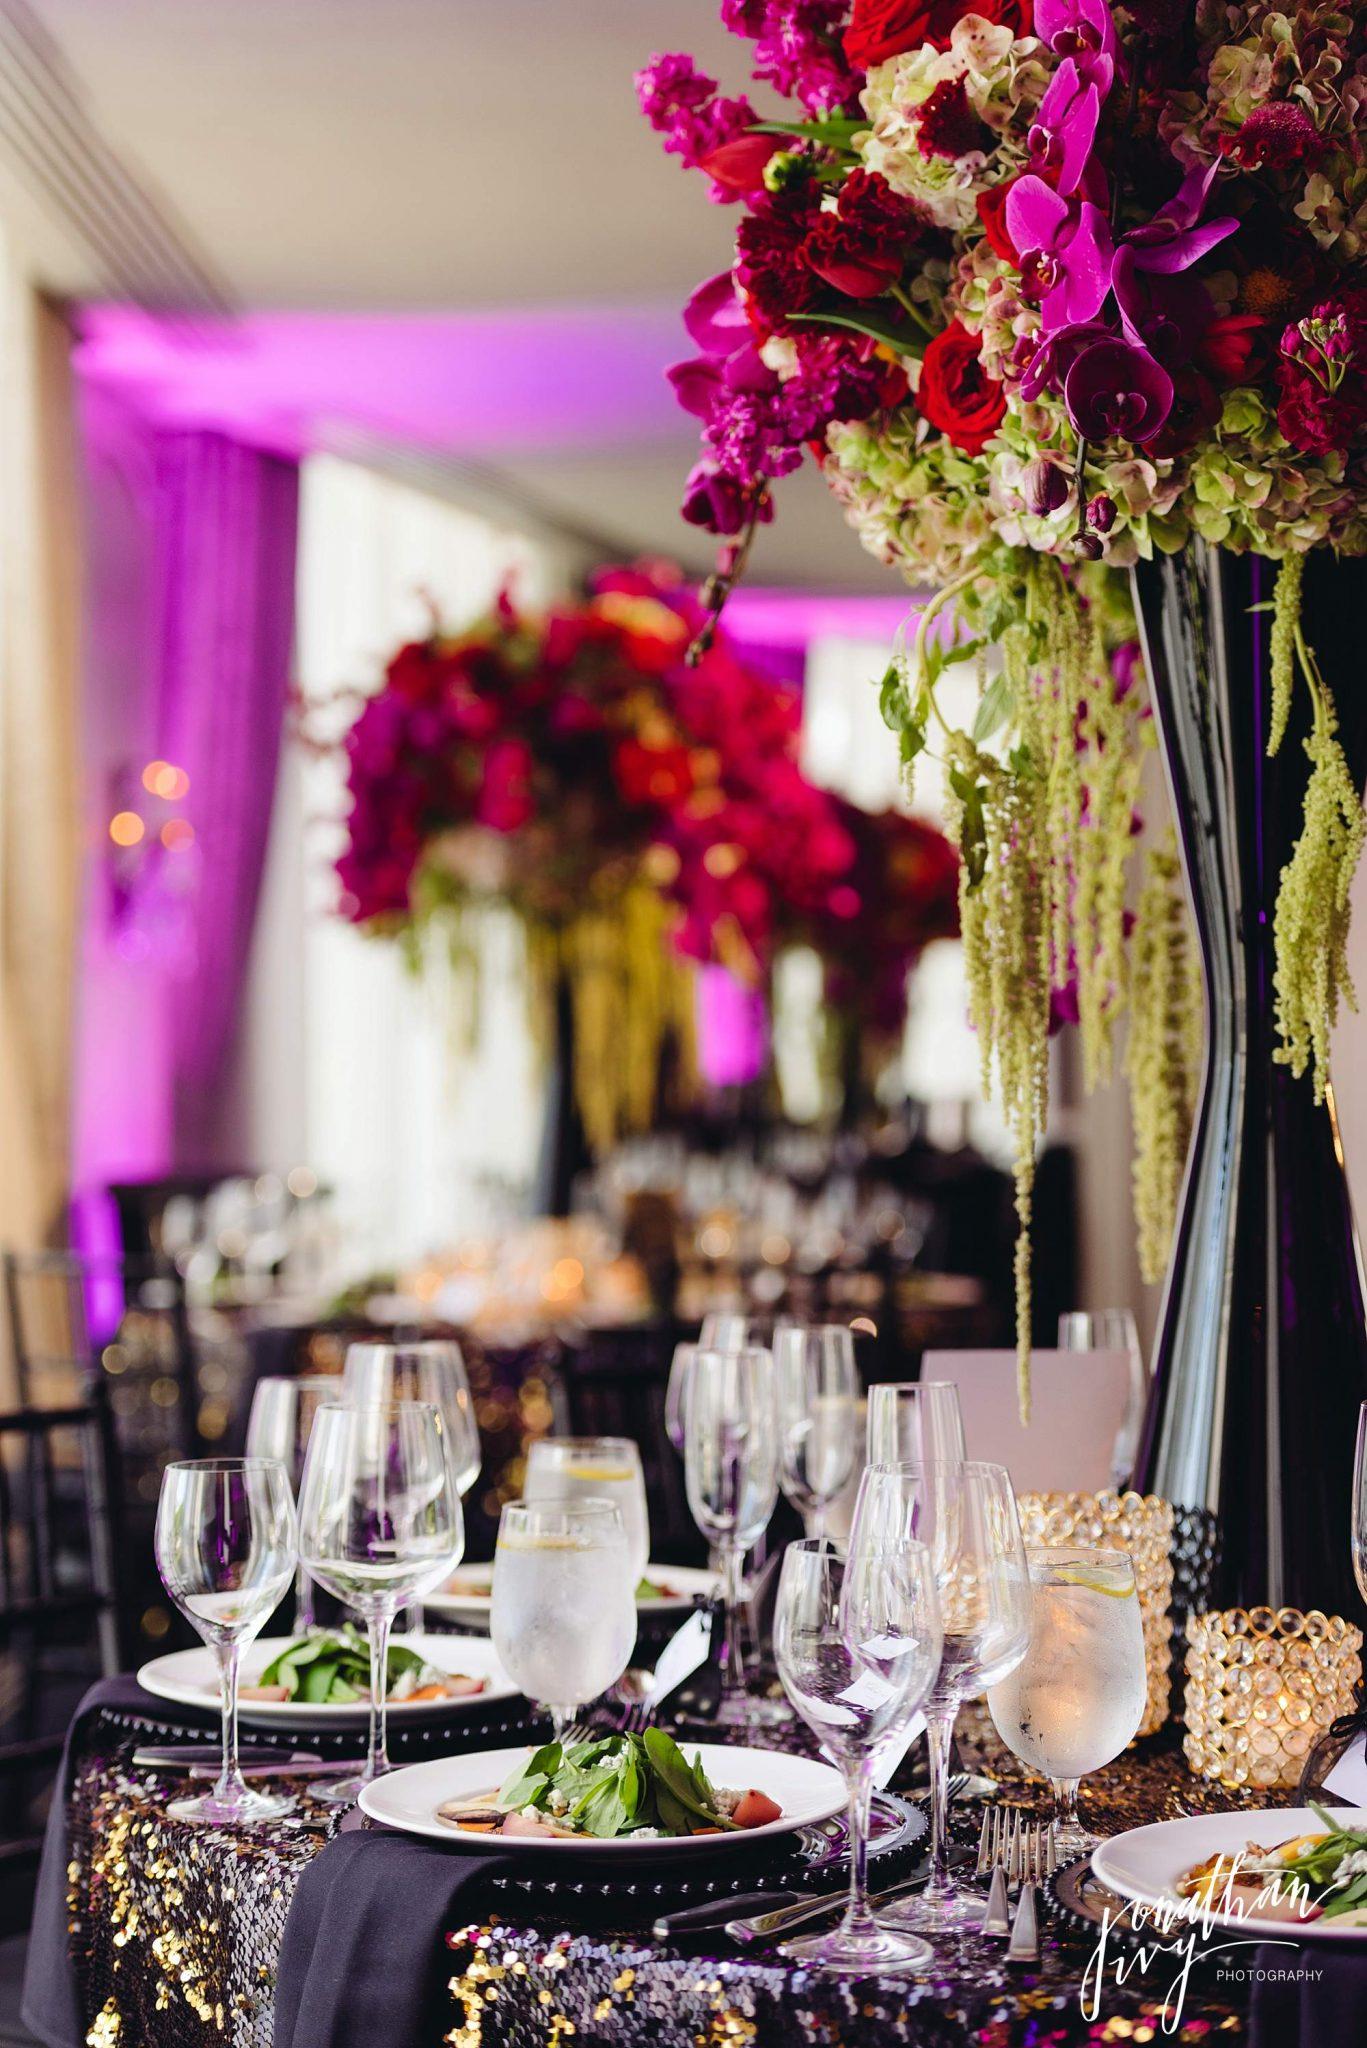 Hotel-Zaza-Houston-Wedding-Reception-0032.jpg